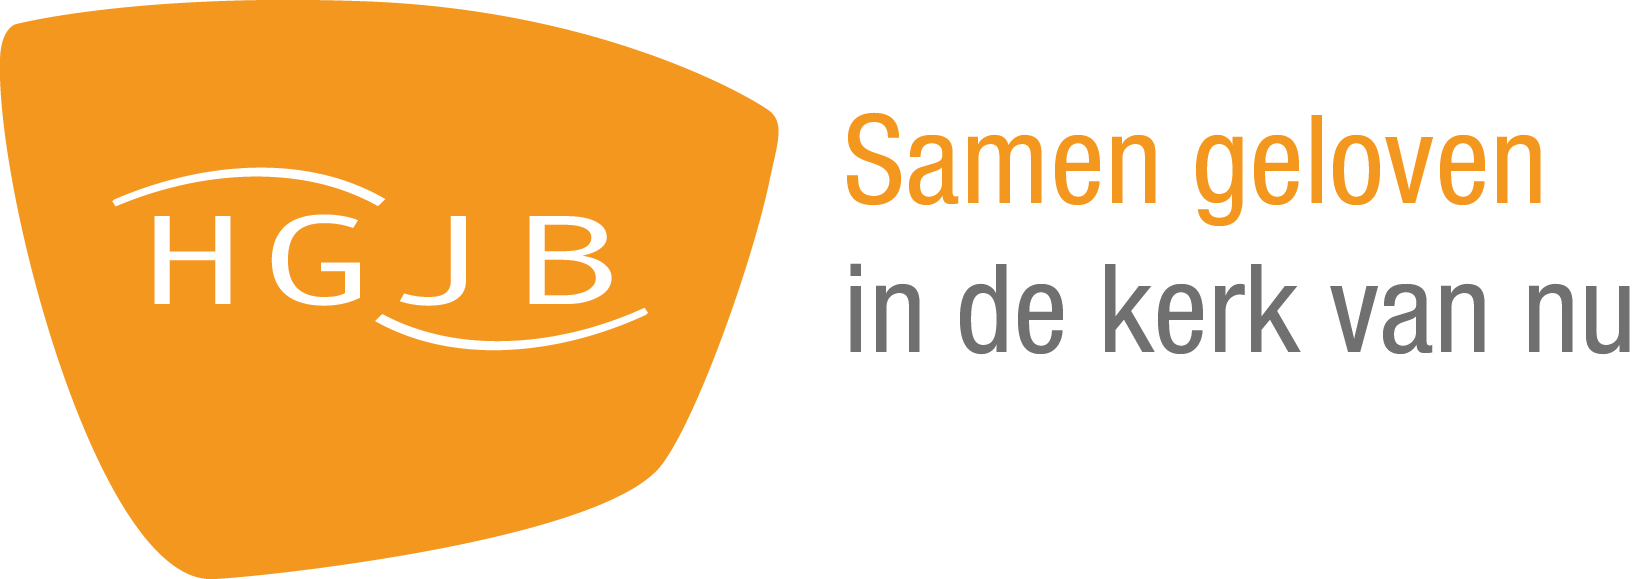 logo_samen-geloven